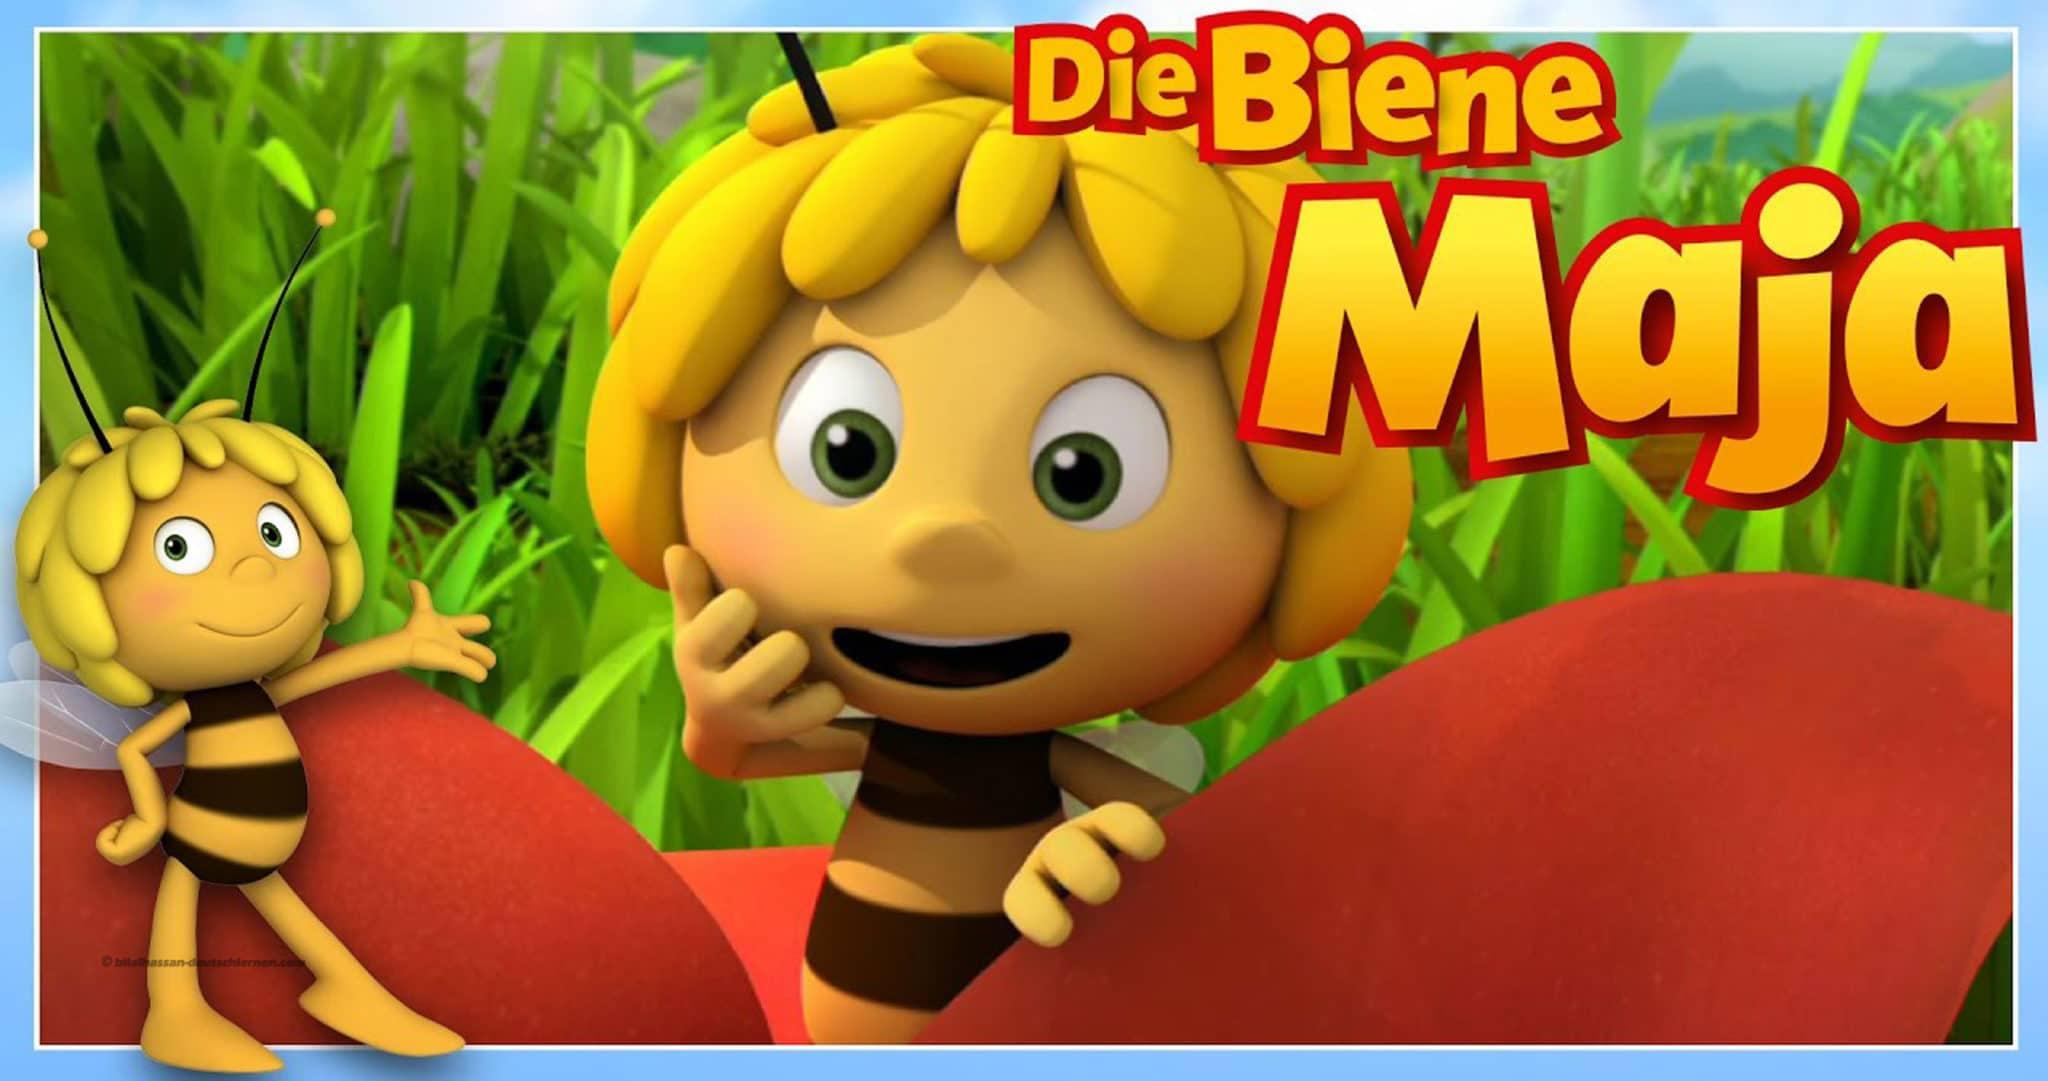 المسلسل-الألمانى-Die-Biene-Maja-مايا-النحلة